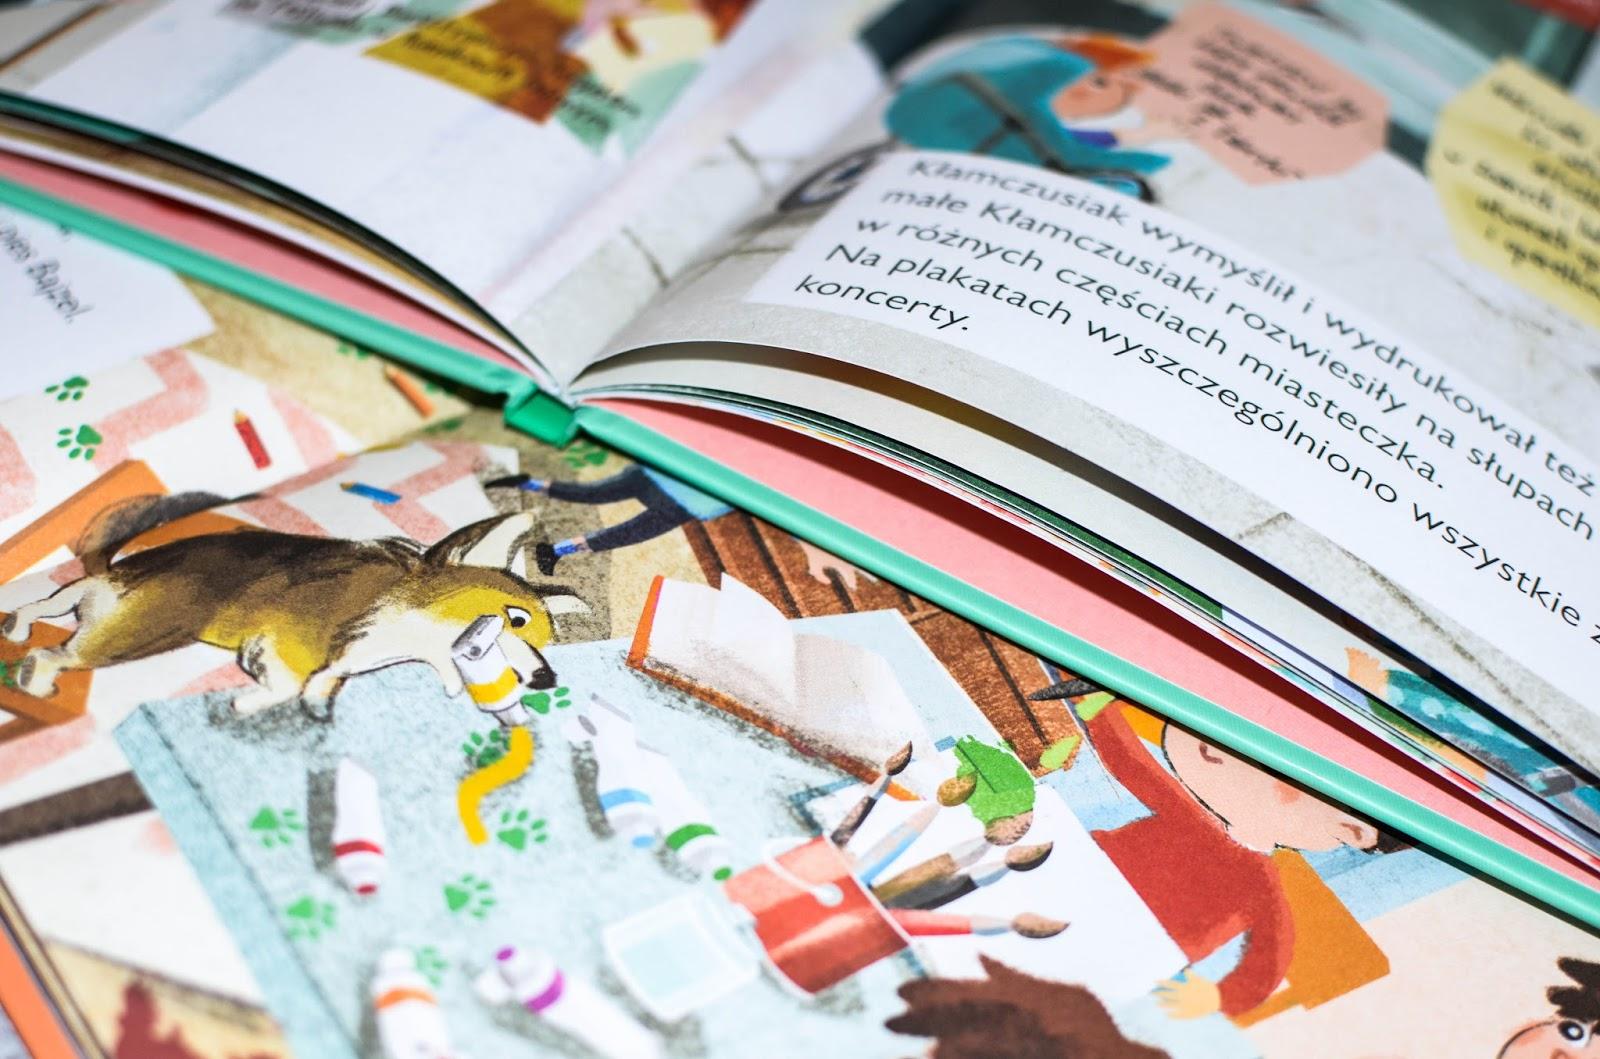 seria Humorki, książki dla przedszkolaków, trudne tematy z przedszkolakiem, kłamstwo, bałagan